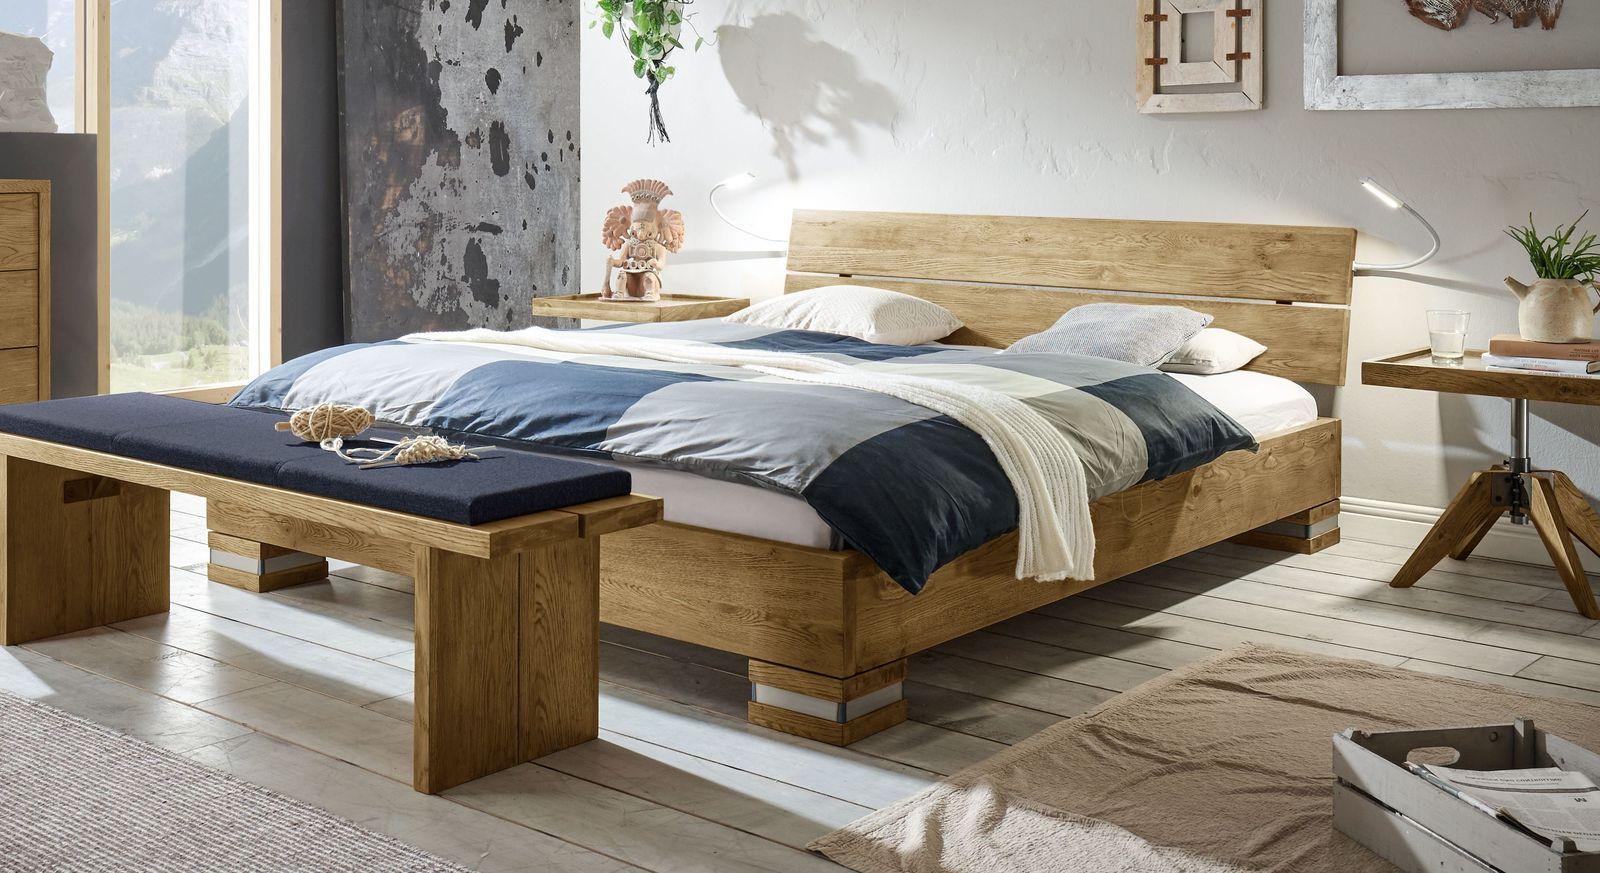 Bett Alvorada aus stabilem Echtholz